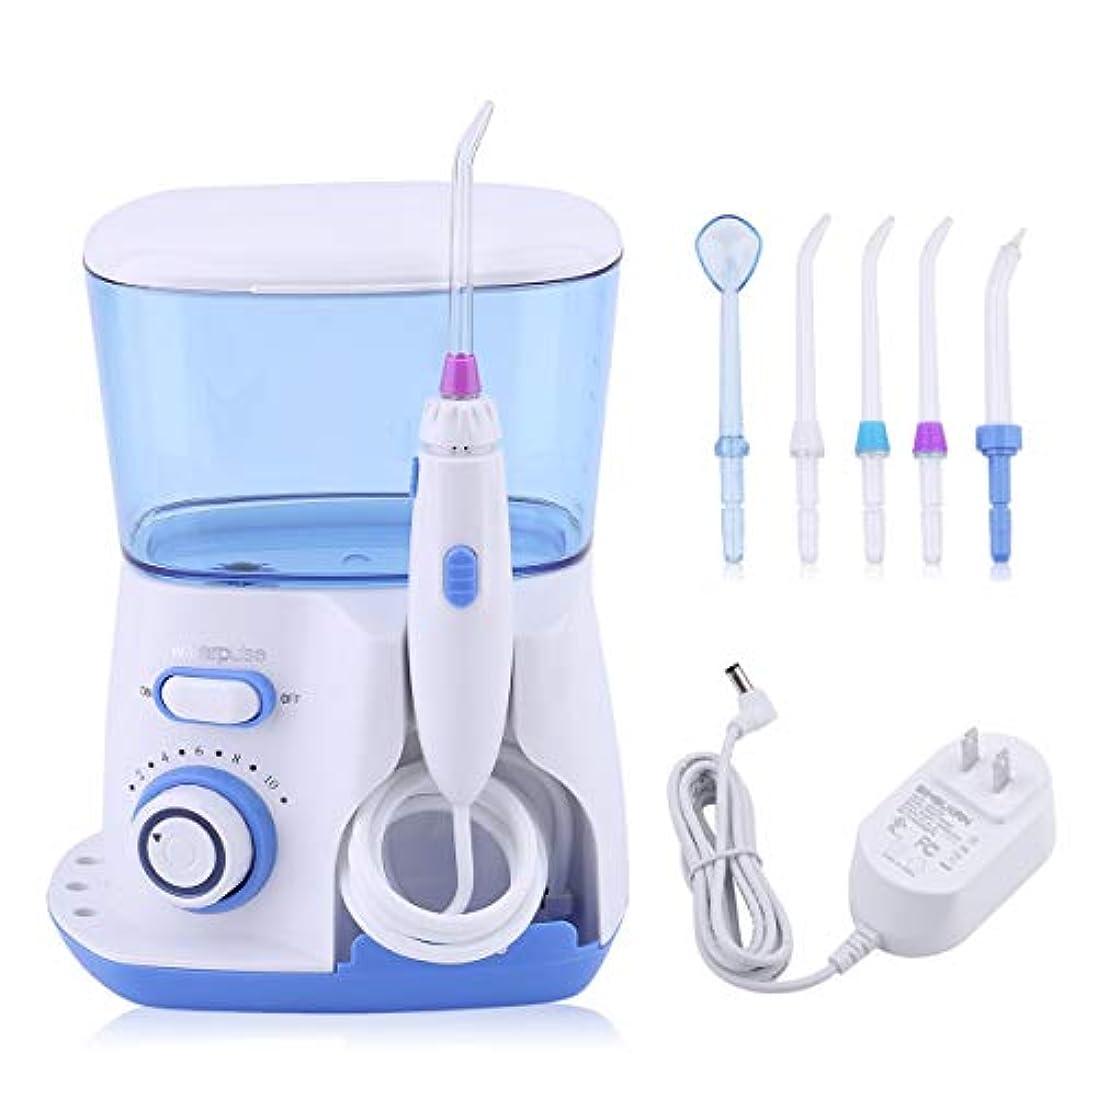 控えるアーティファクトブランド名Tivollyff 歯用ツール 歯清潔 Waterpulse健康歯科フロス器具優れたウォーターピックウォーターフロス歯クリーナーオーラルケア灌漑ツール米国のプラグイン 青と白